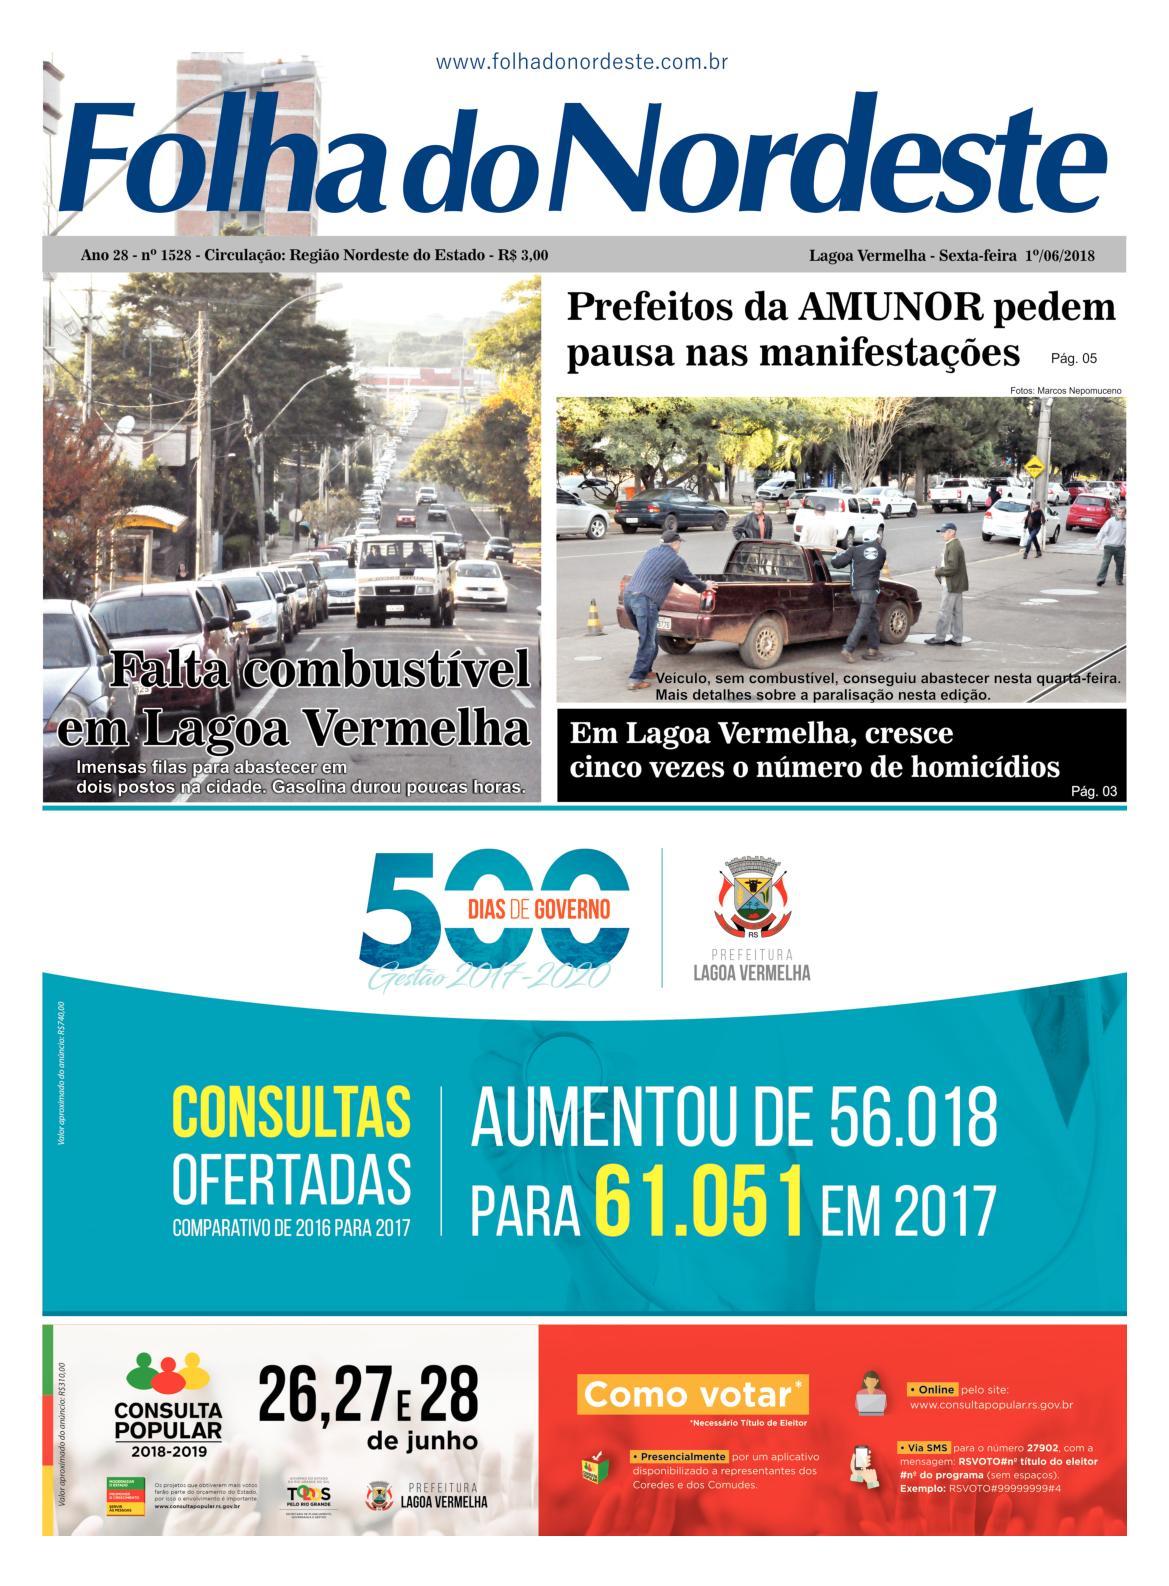 Calaméo - Edição 1° 06 2018 dcfa9efe36b91